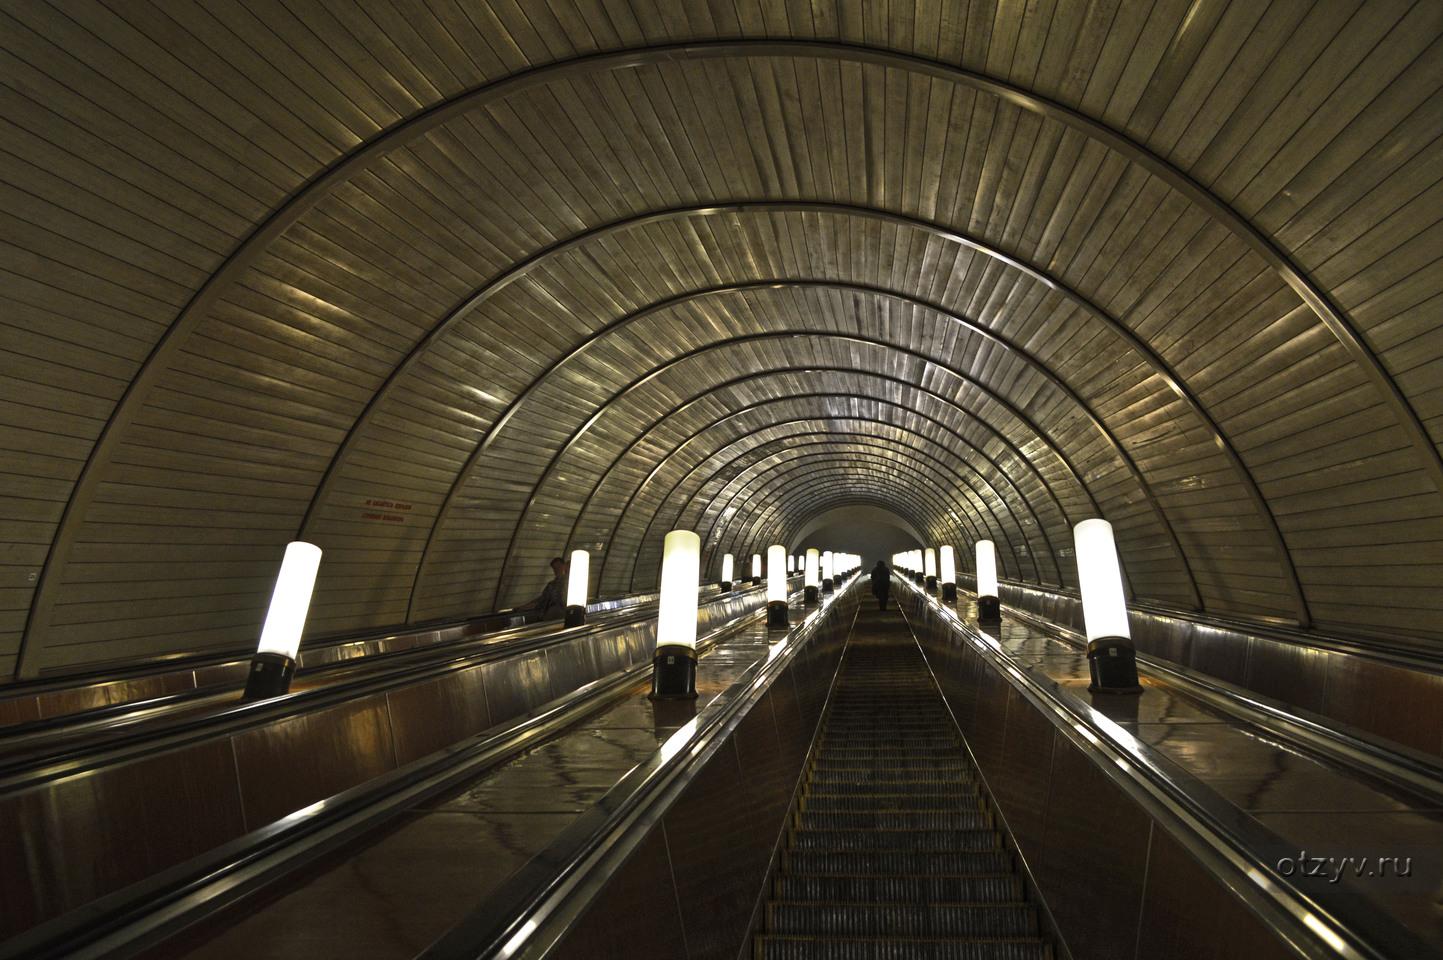 картинка метро урала съемки